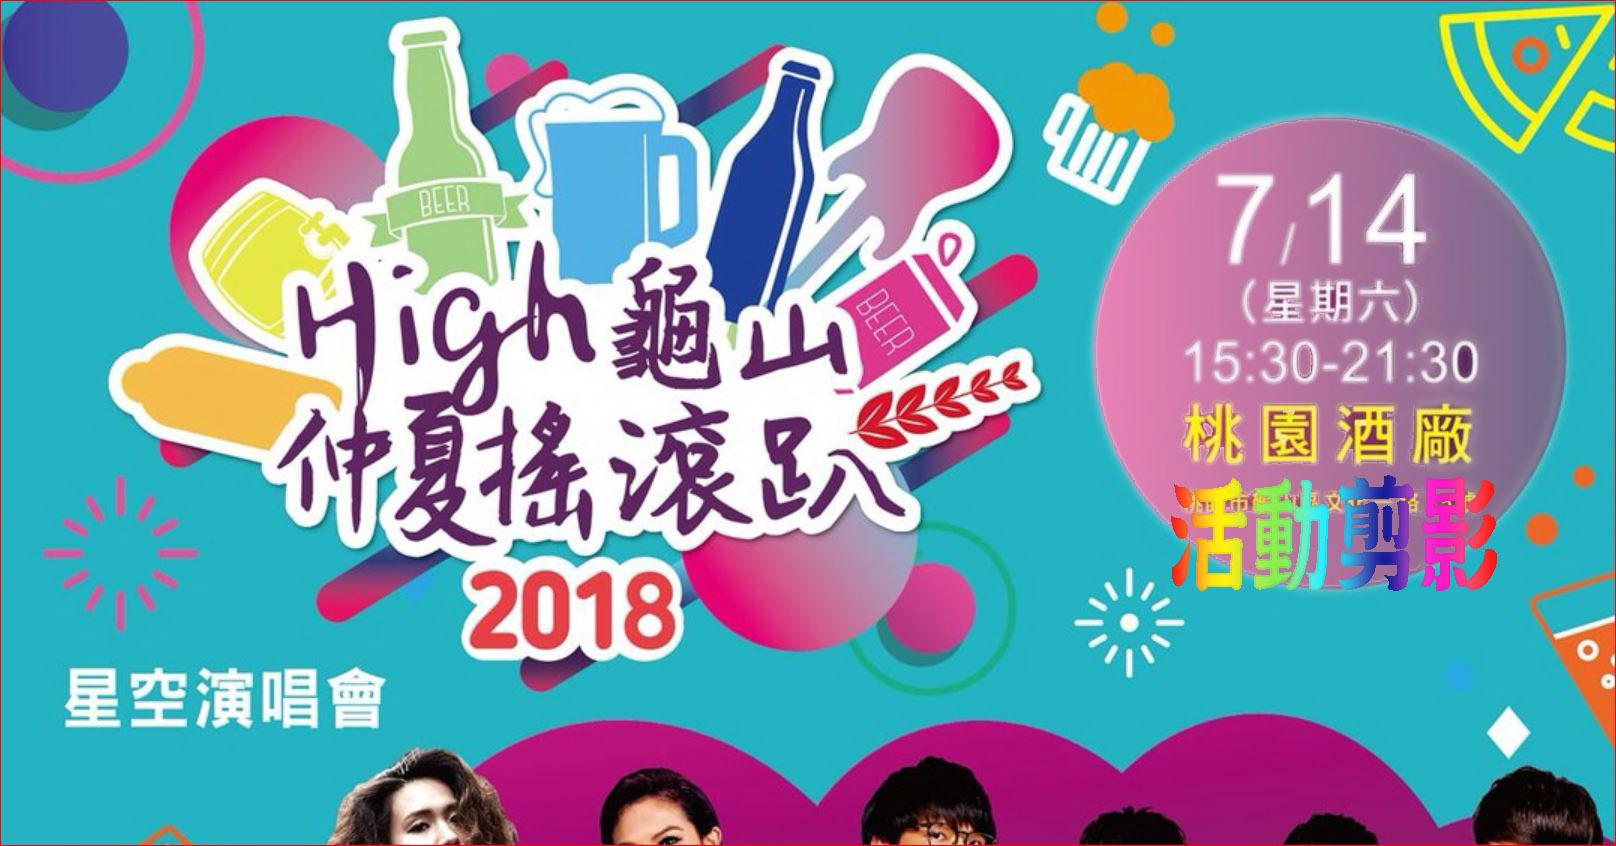 (點擊連結youtube觀看)2018 High 龜山仲夏微醺搖滾音樂活動